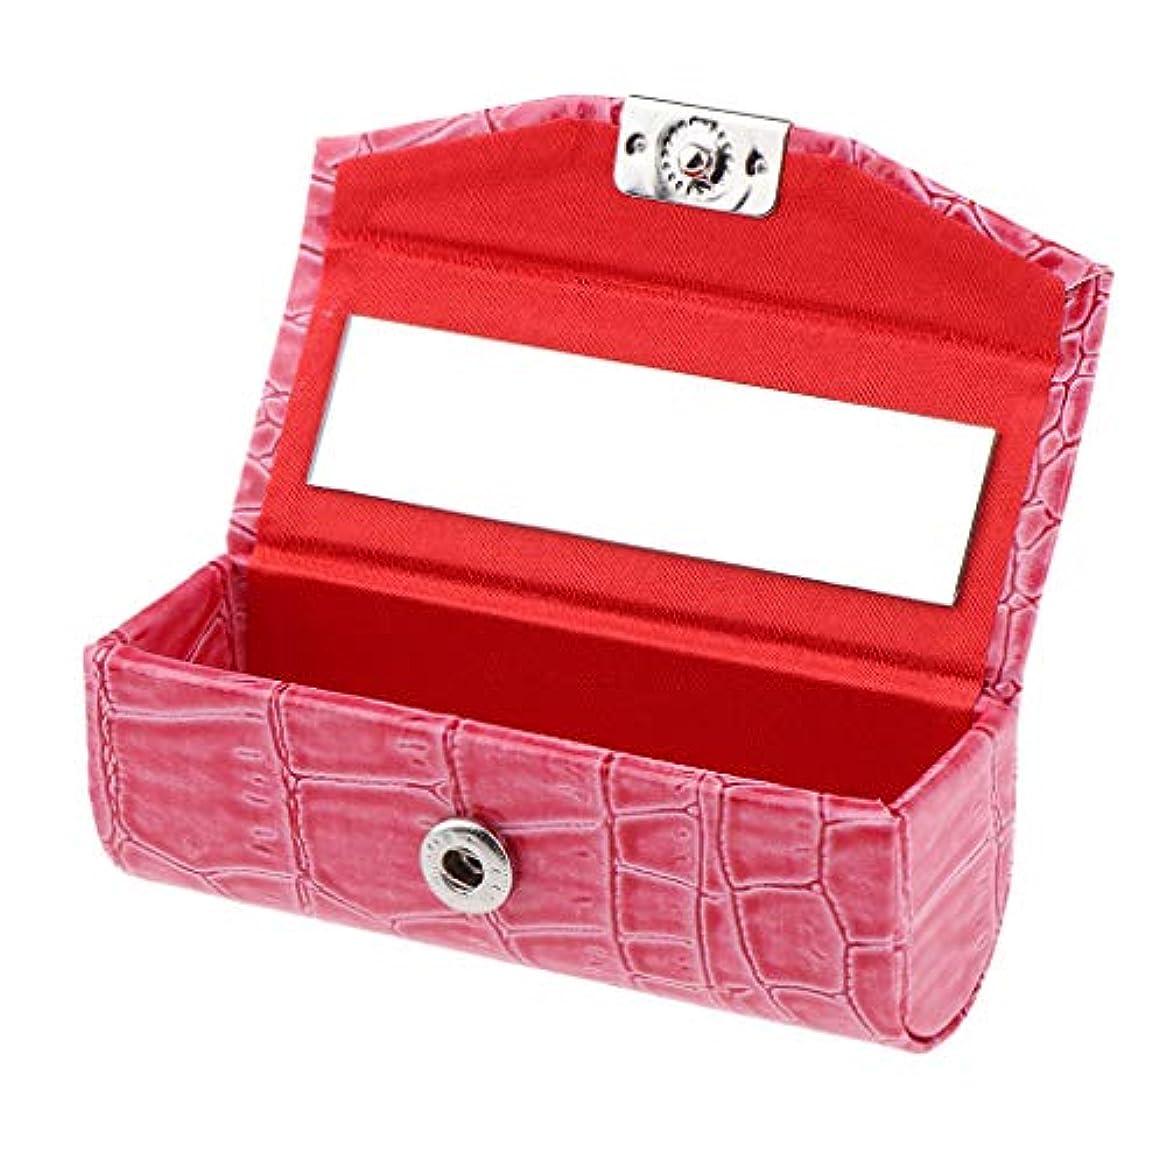 緩めるアンソロジーブルームB Baosity 口紅ケース コインケース ミラー付き リップグロス ジュエリー 収納ボックス 多色選べ - ローズレッド